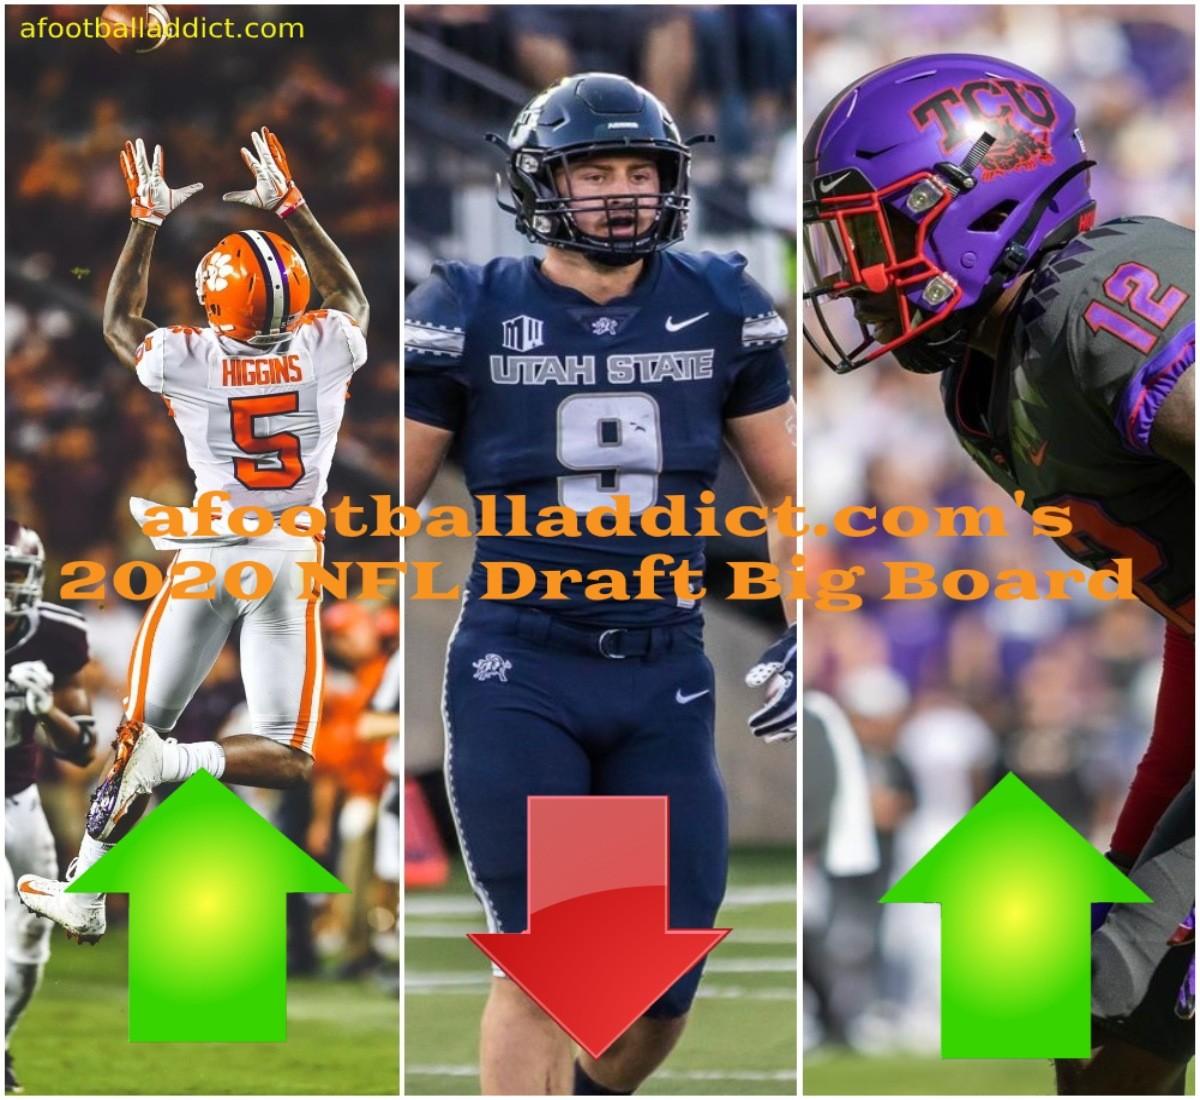 afootballaddict.com's 2020 NFL Draft Big Board